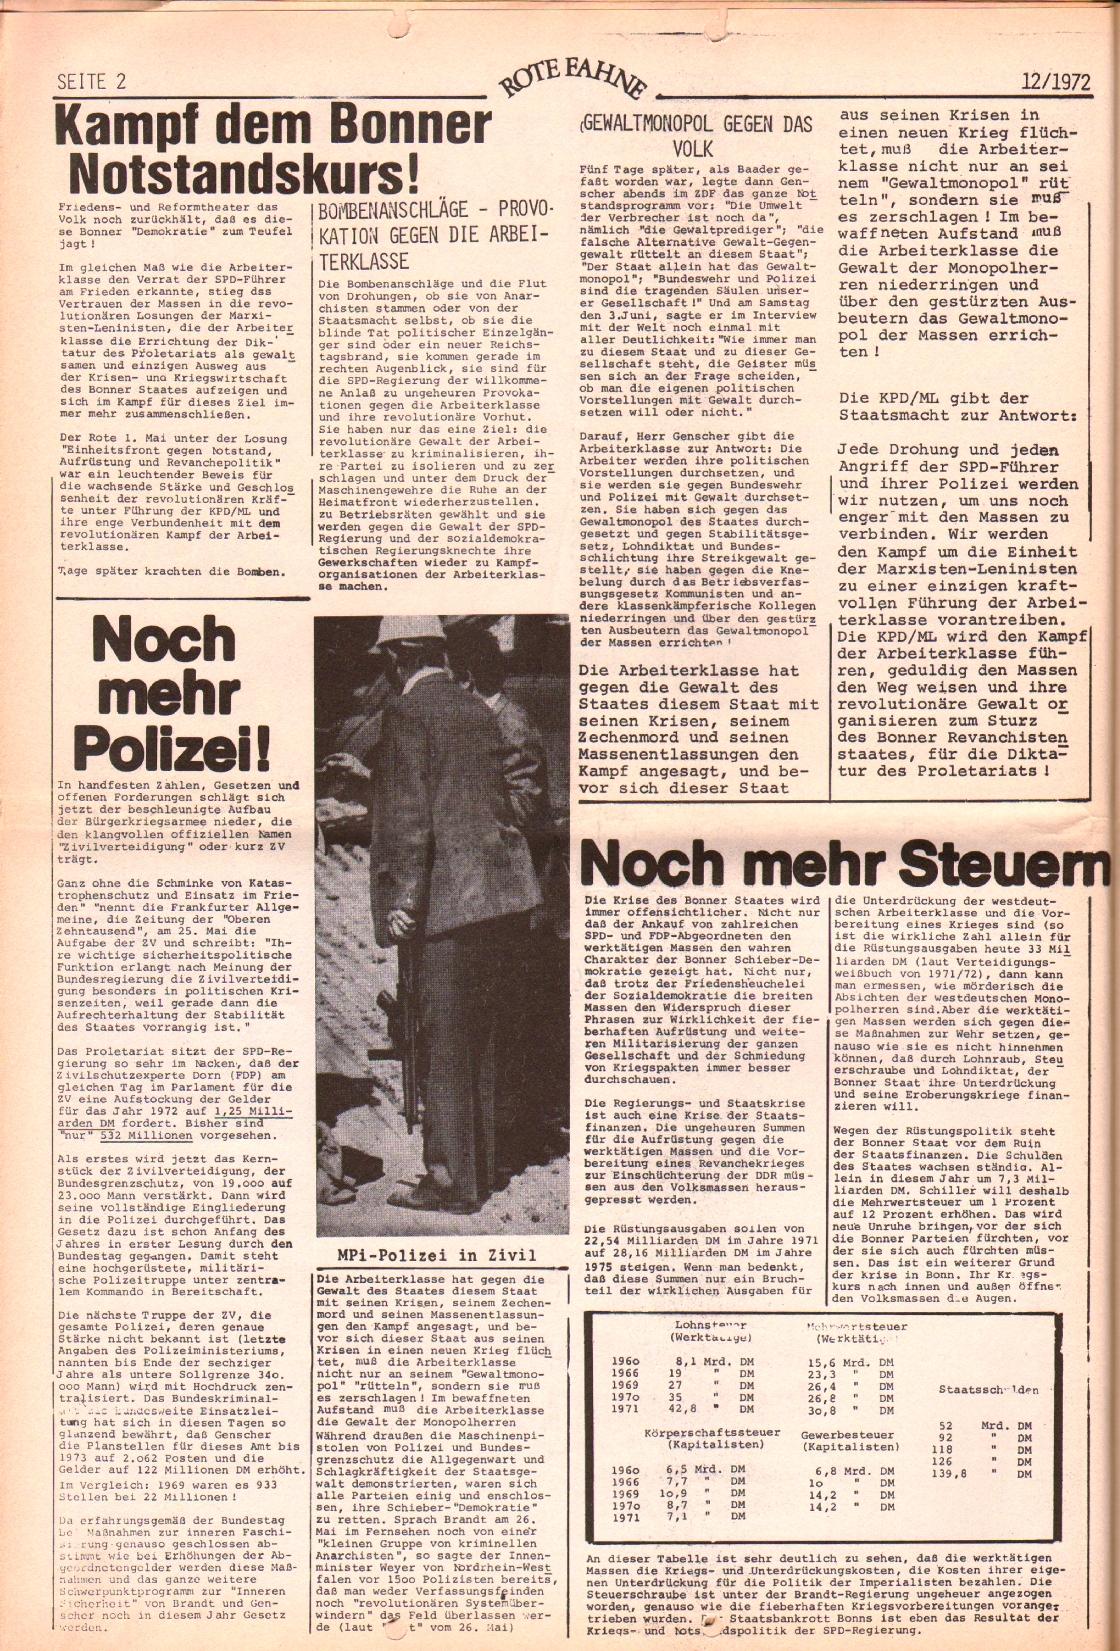 Rote Fahne, 3. Jg., 12.6.1972, Nr. 12, Seite 2